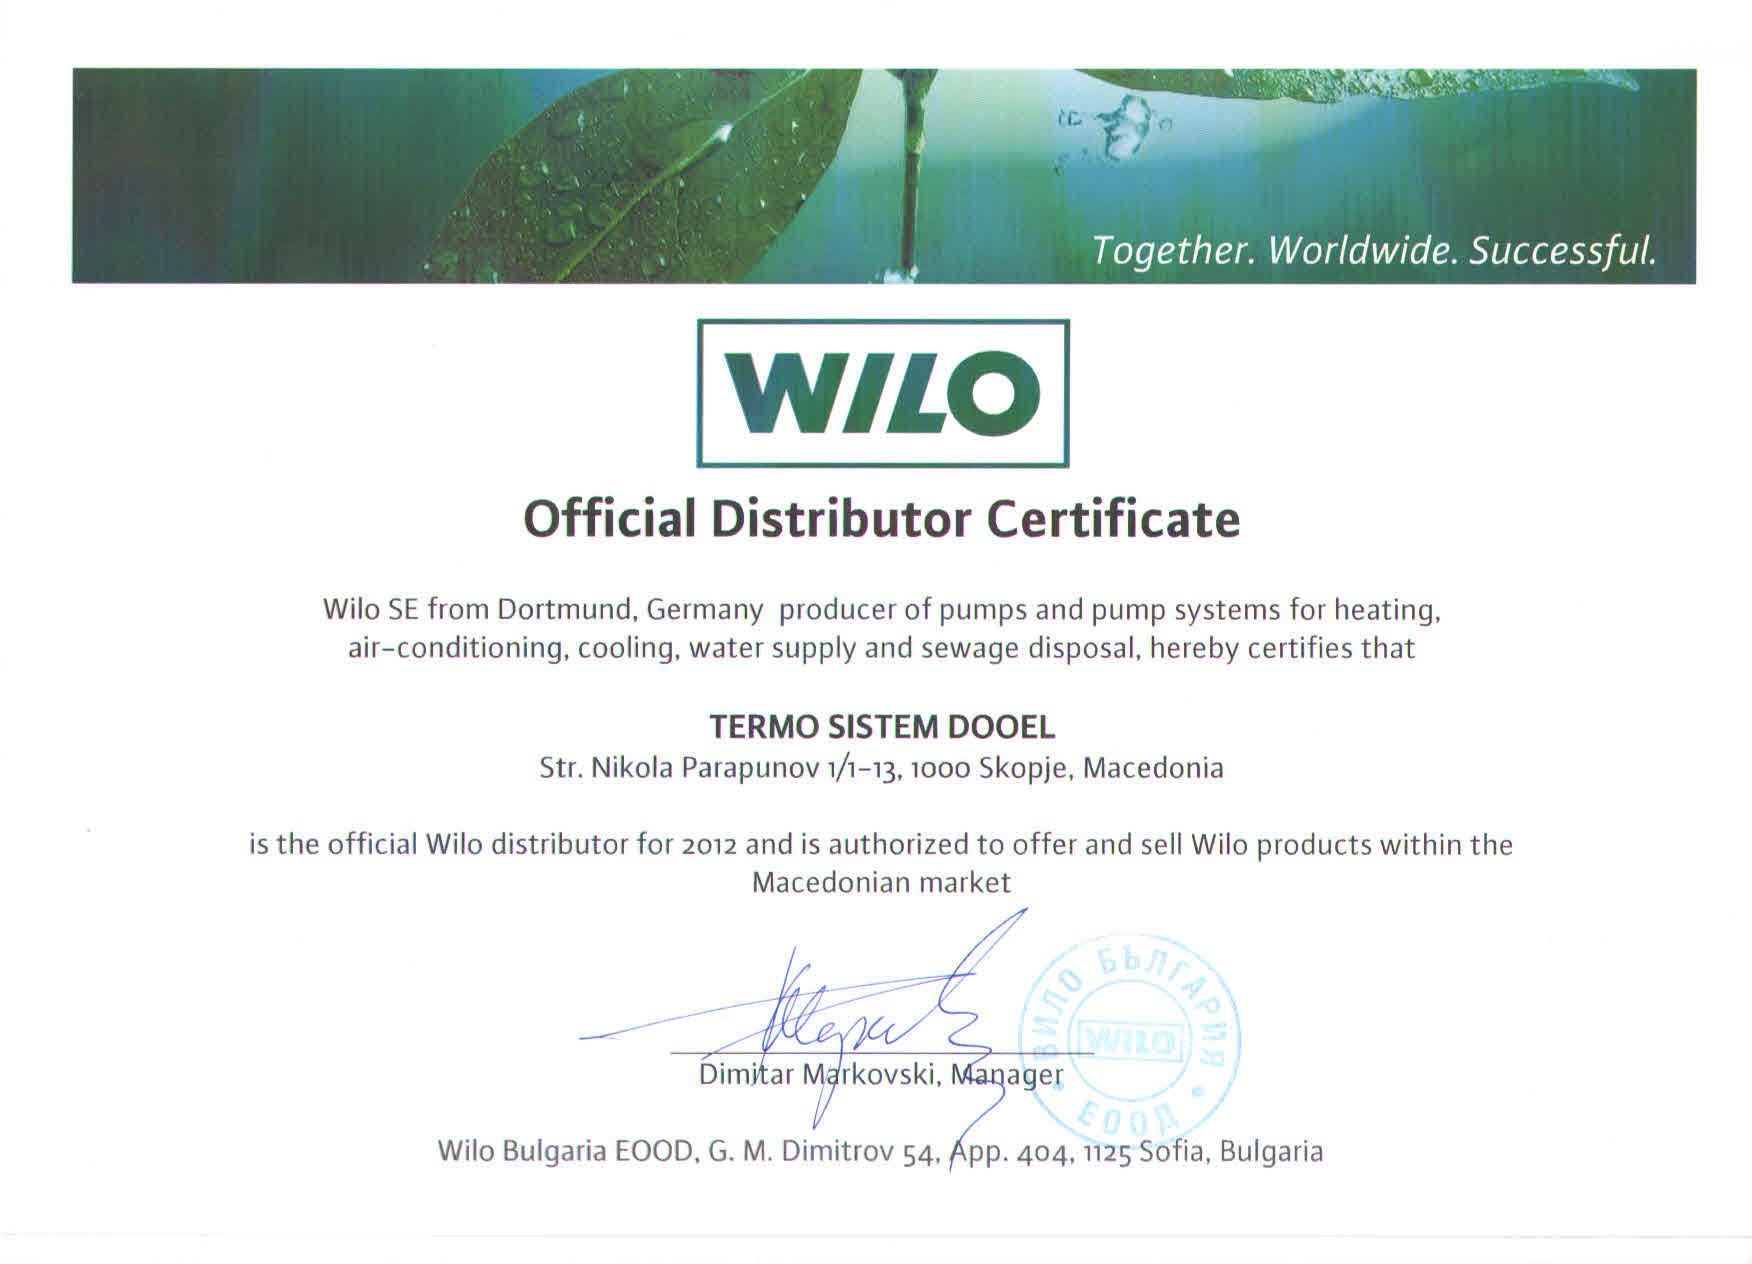 Термо Систем со сертификат за официјален дистрибутер на Wilo